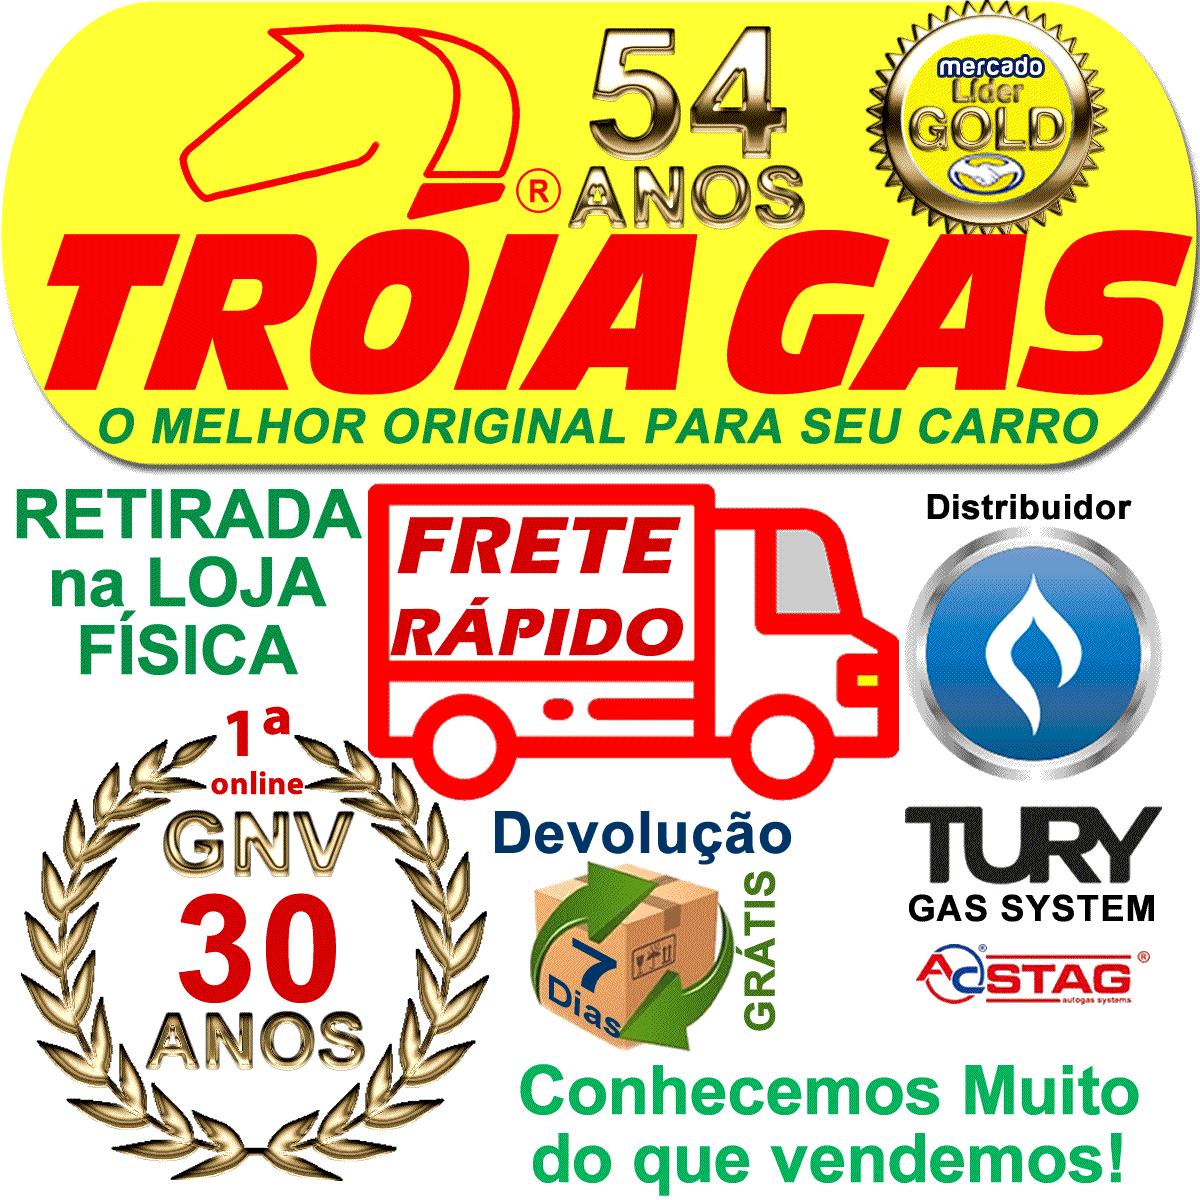 20 Filtros GNV 12mm TURY GAS 5ª e 6ª geração STAG EMER TA e outros